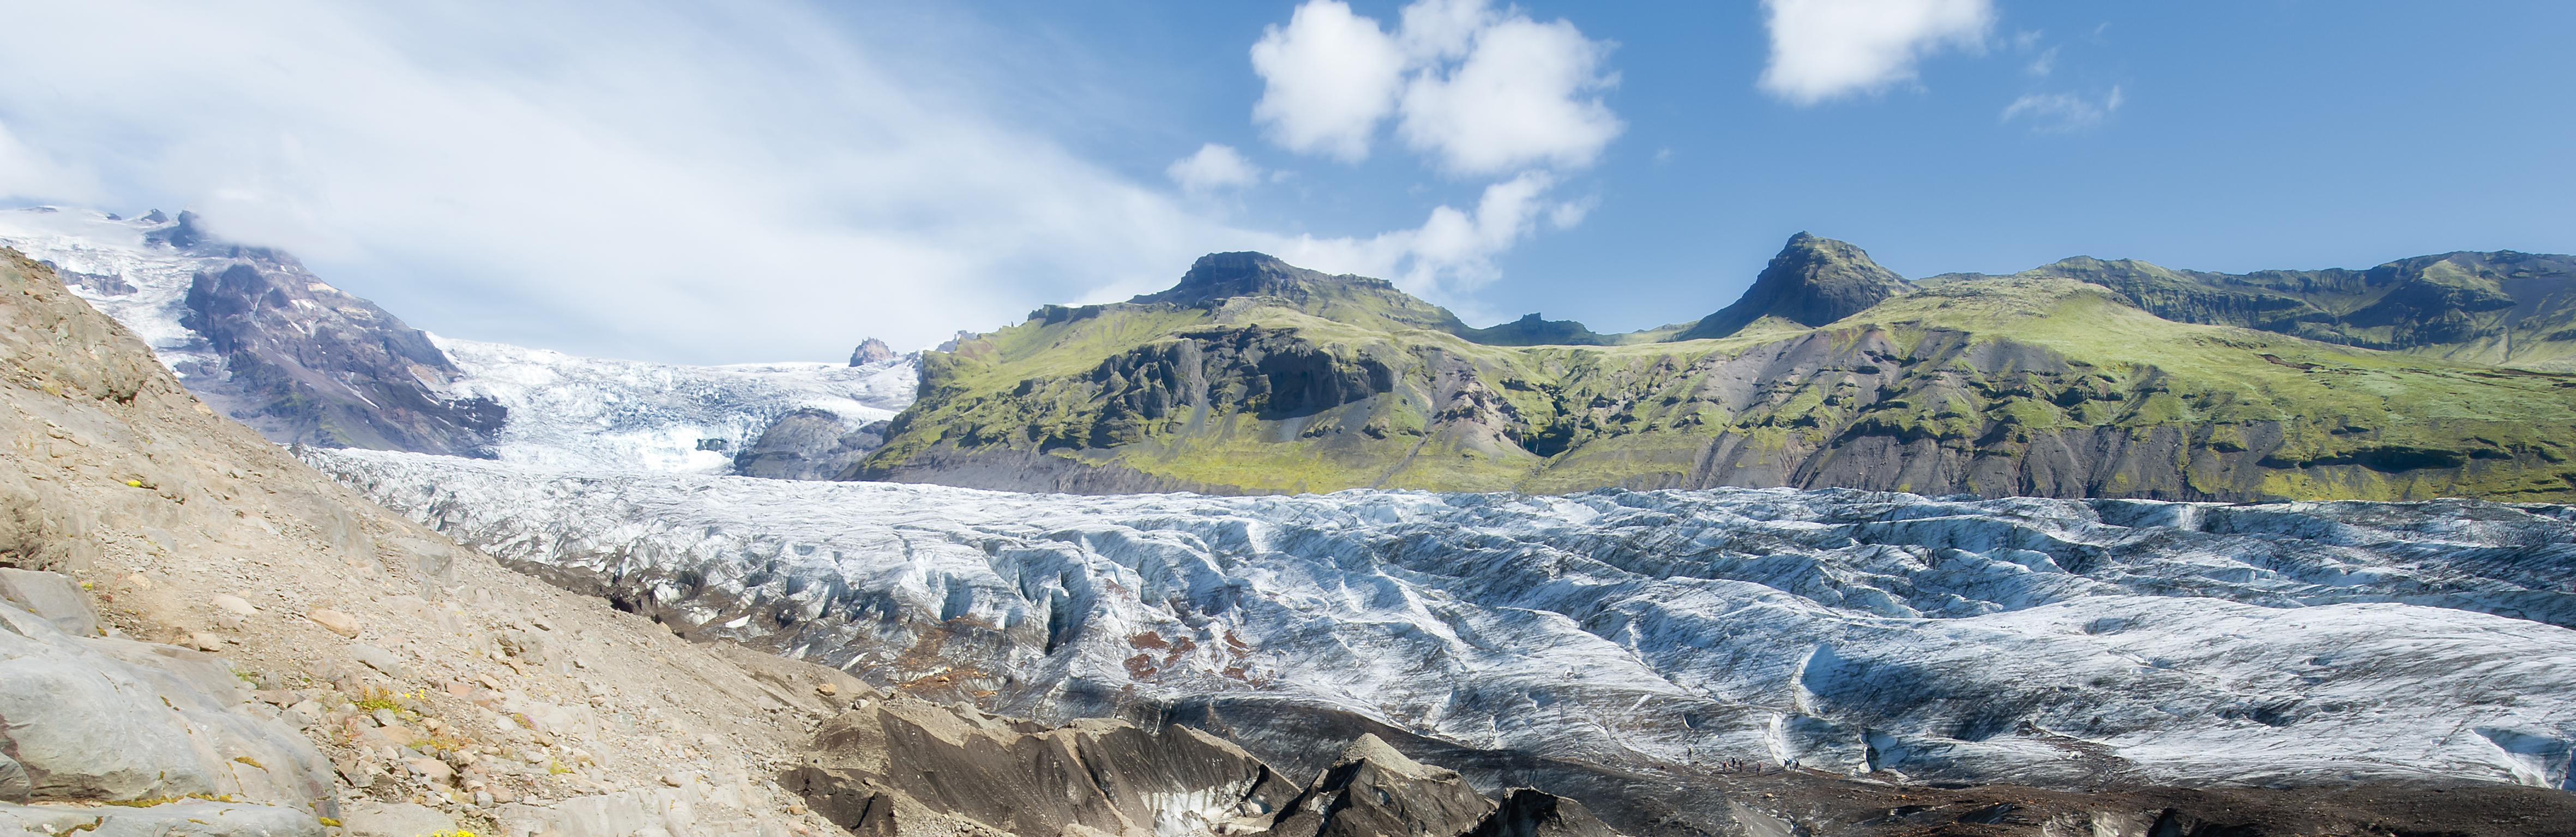 Gletscher mit grünen Bergen im Hintergrund